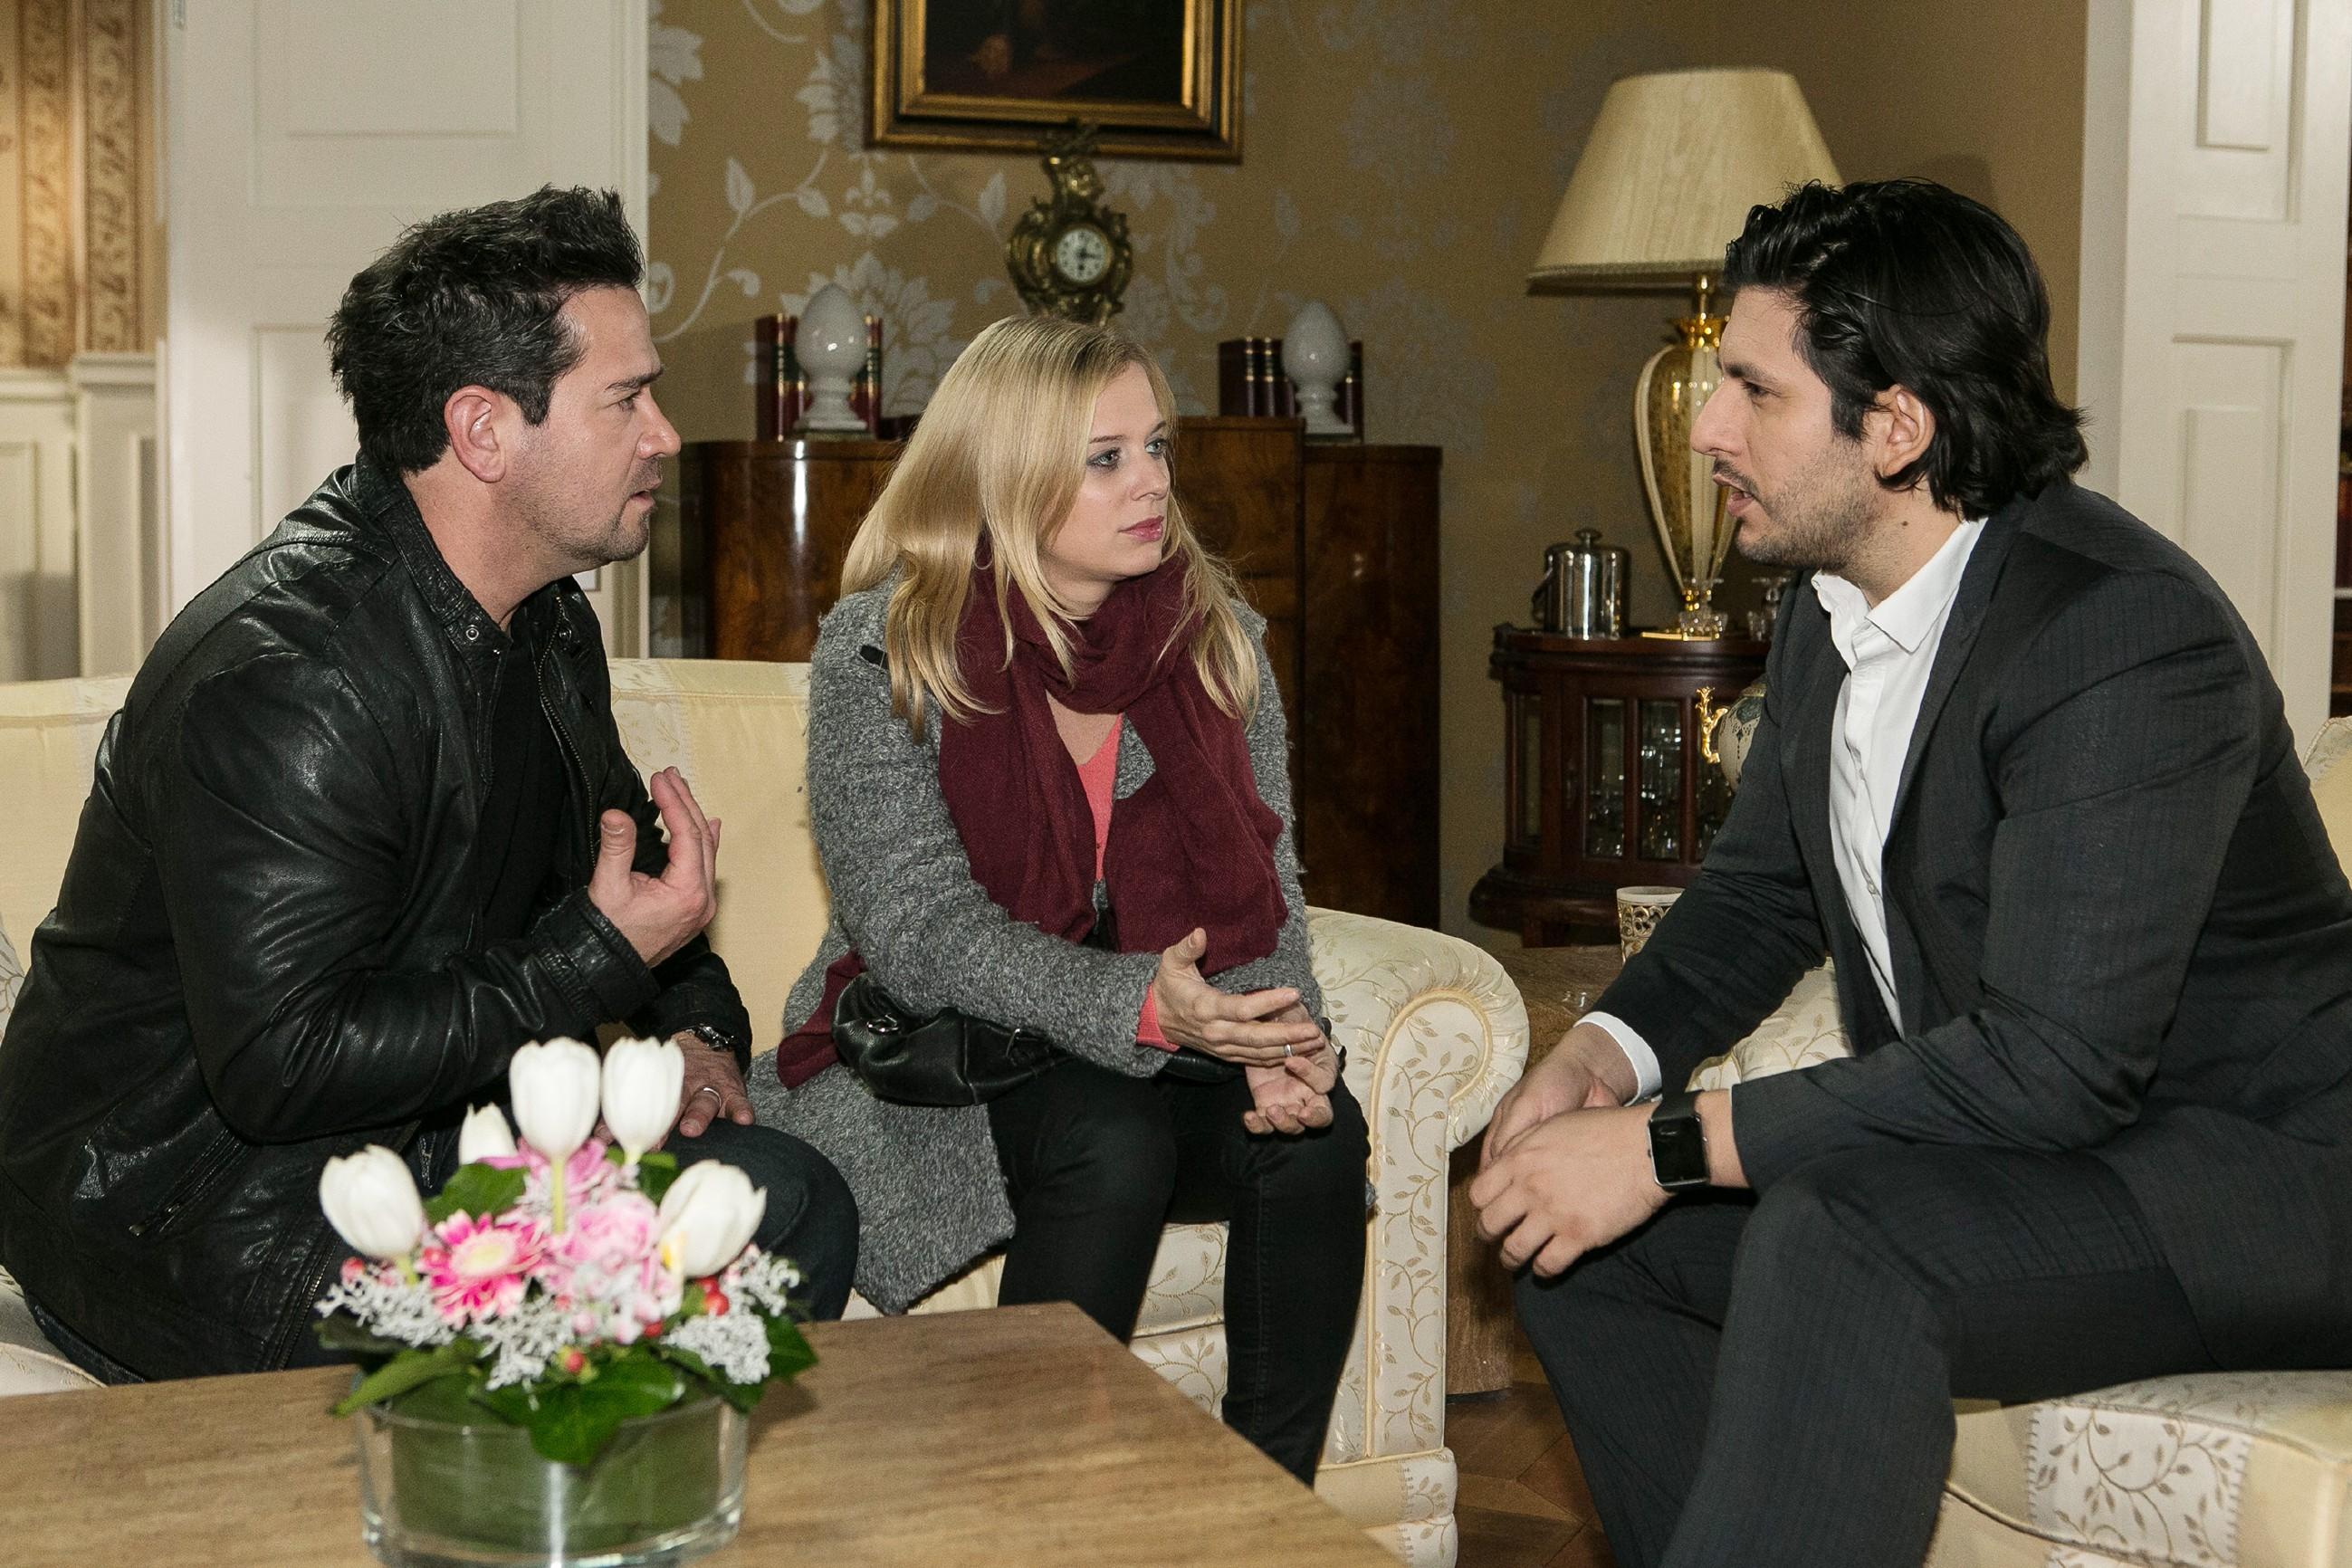 Marian (Sam Eisenstein, l.) wird nachdenklich, als Maximilian (Francisco Medina) ihm und Lena (Juliette Greco) versichtert, Marian die Vaterrolle nicht streitig machen zu wollen.